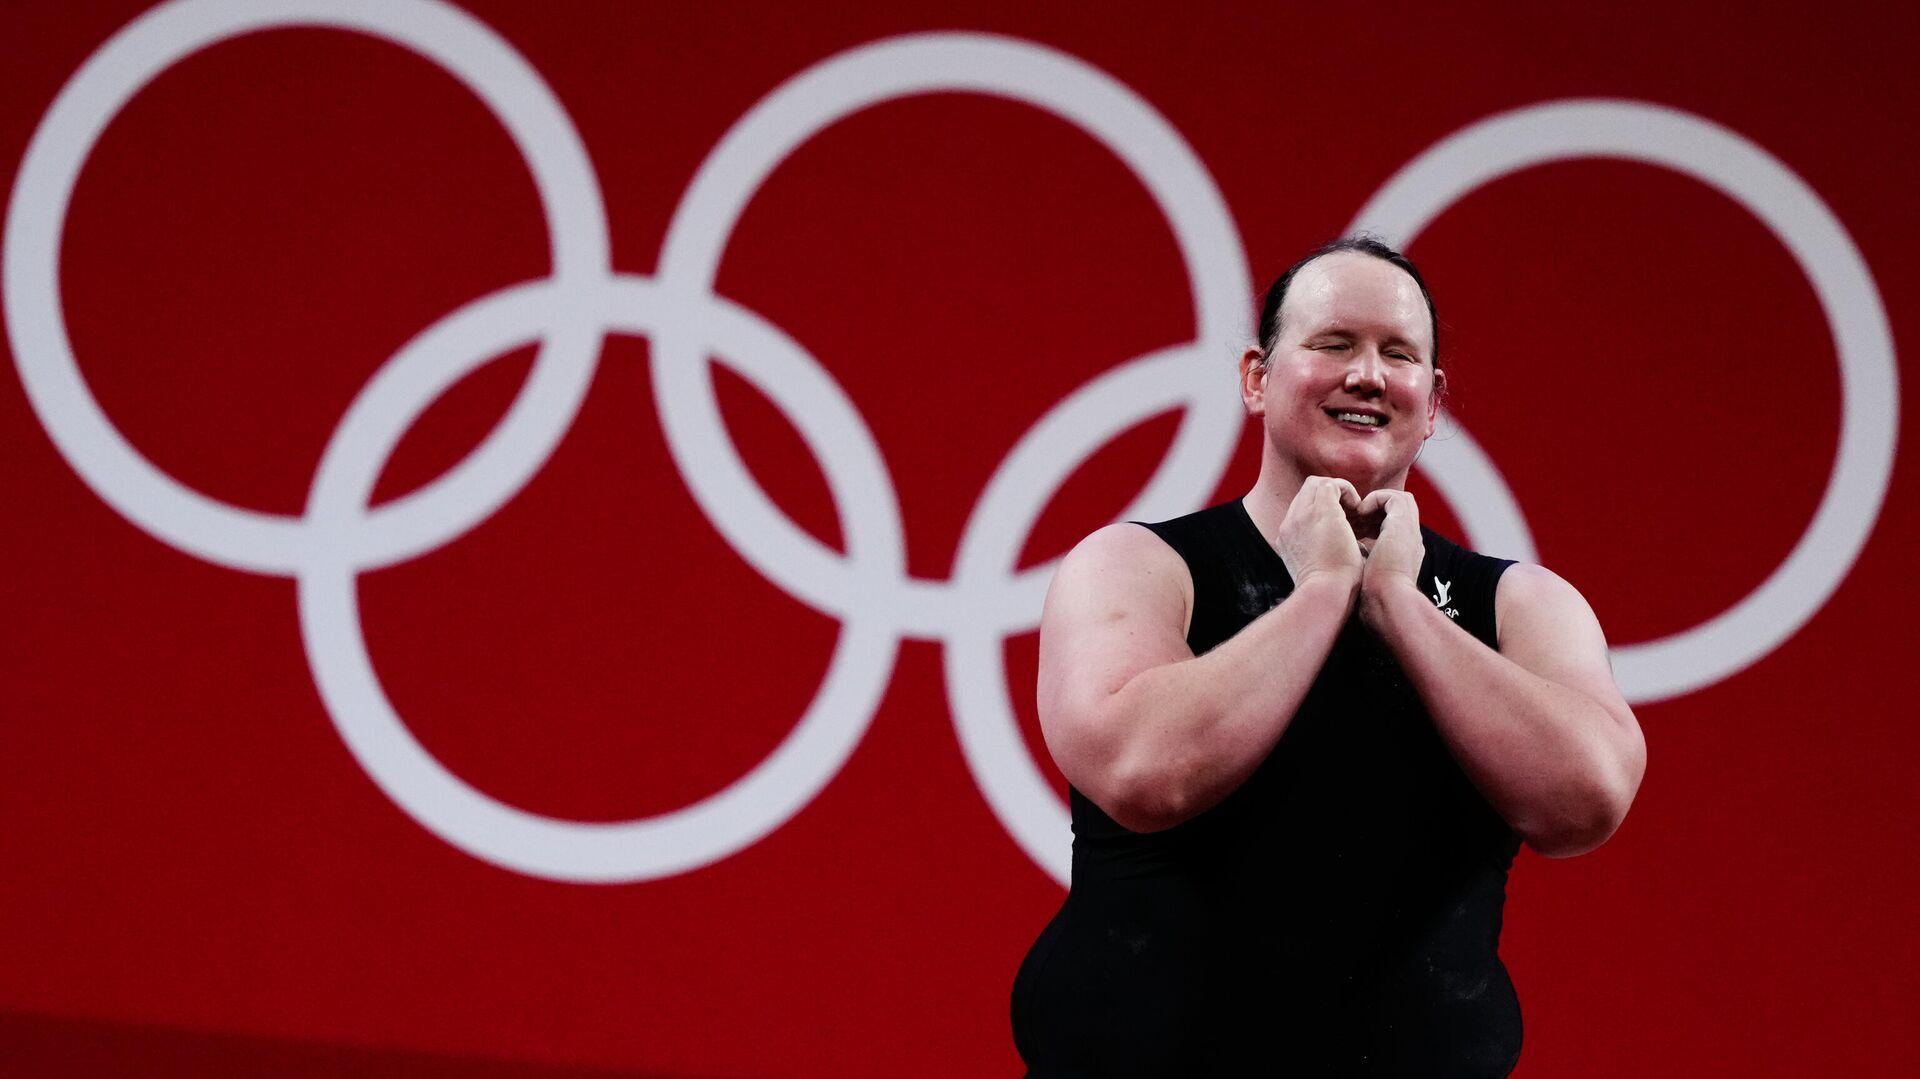 Лорел Хаббард (Новая Зеландия) на соревнованиях по тяжелой атлетике среди женщин в весовой категории свыше 87 кг на XXXII летних Олимпийских играх - РИА Новости, 1920, 02.08.2021